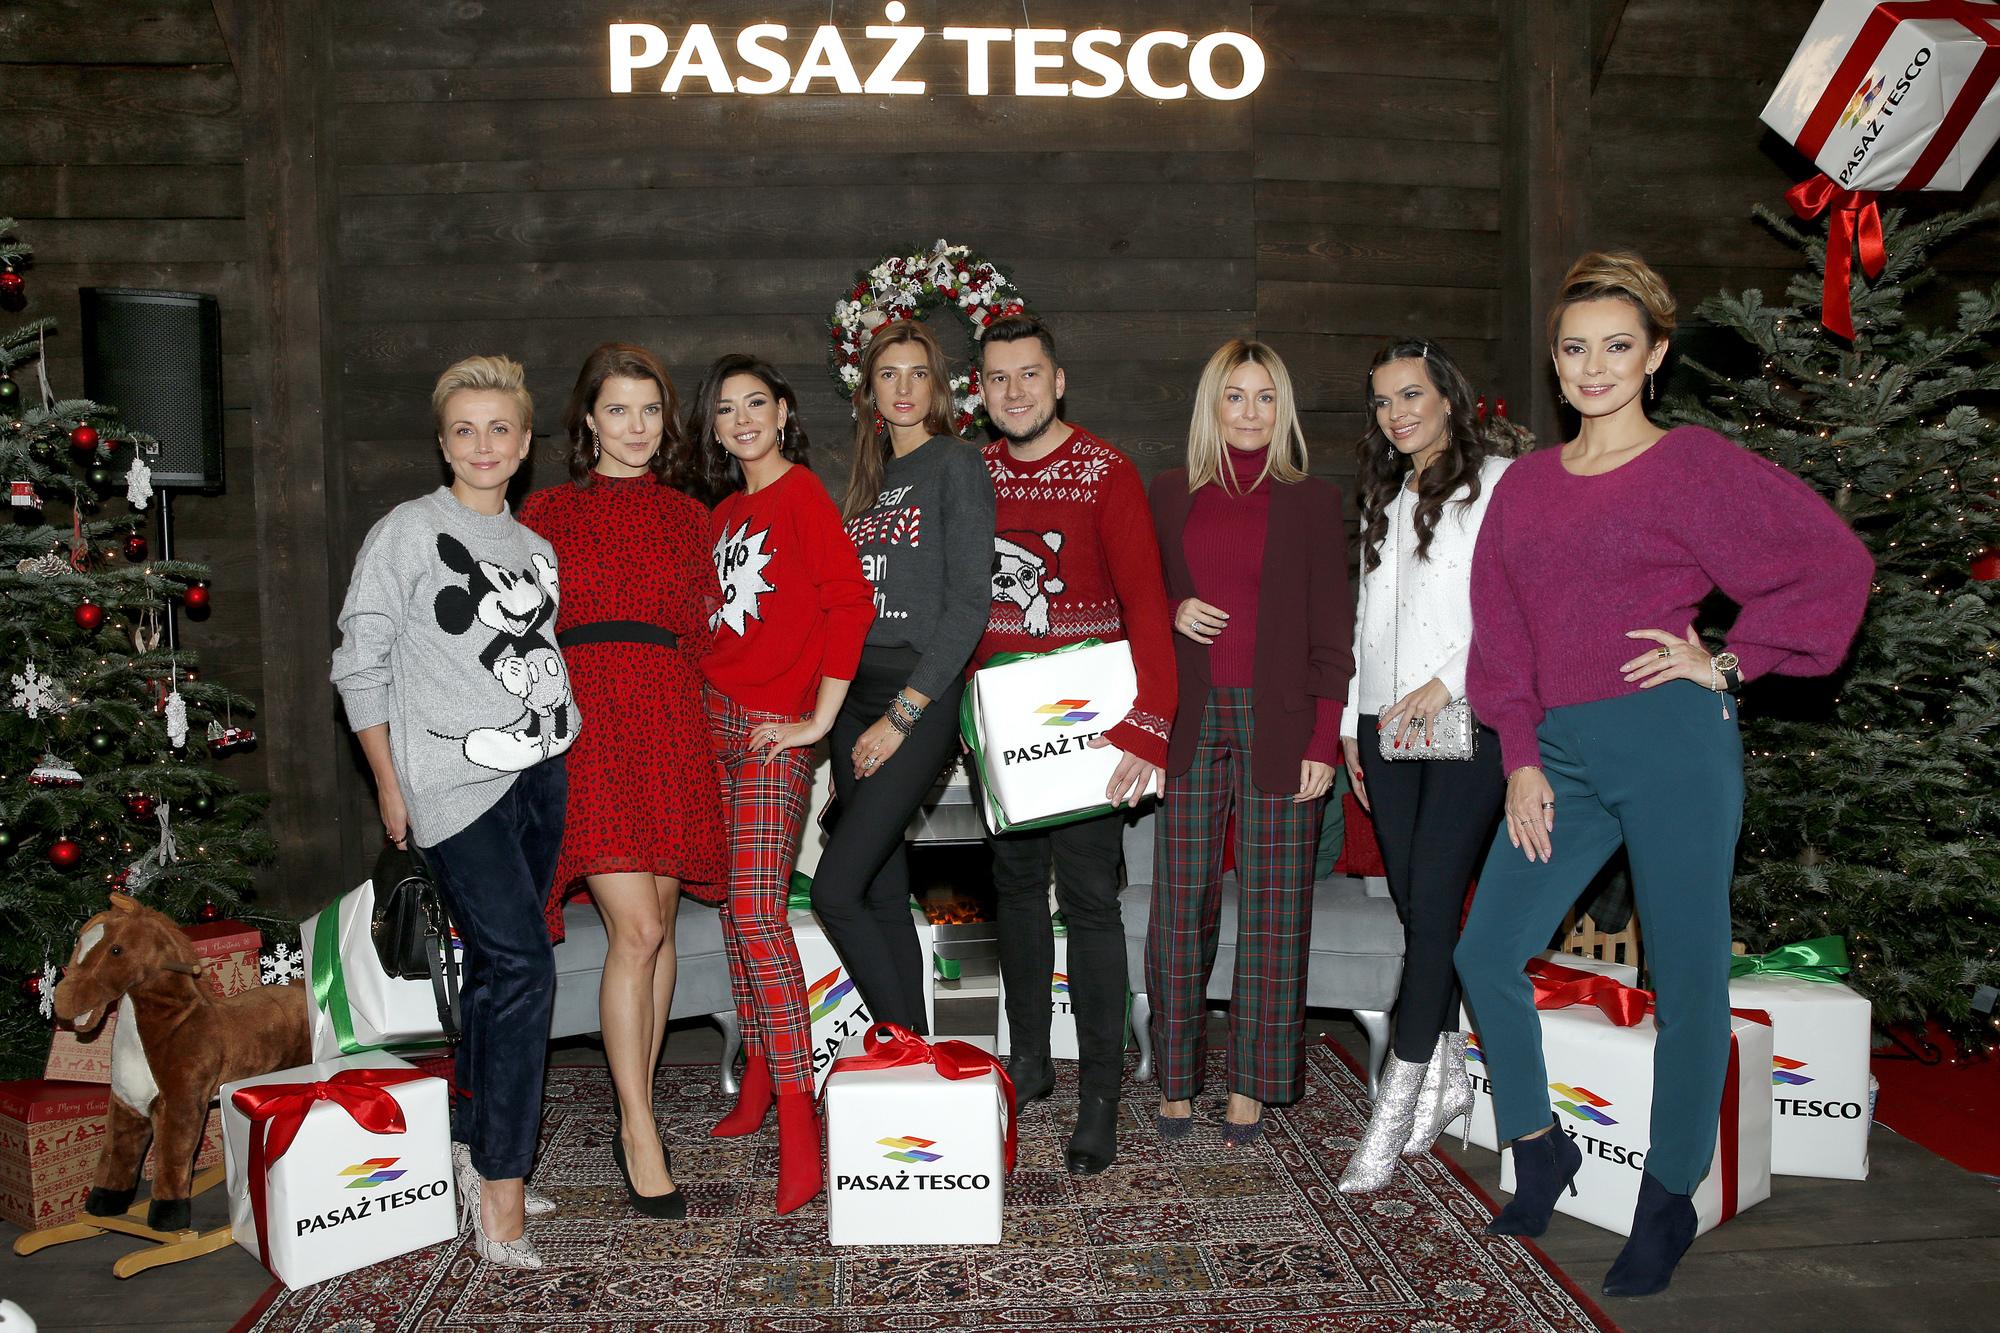 Gwiazdy na świątecznej imprezie. Spodnie Małgorzaty Rozenek to prawdziwy hit